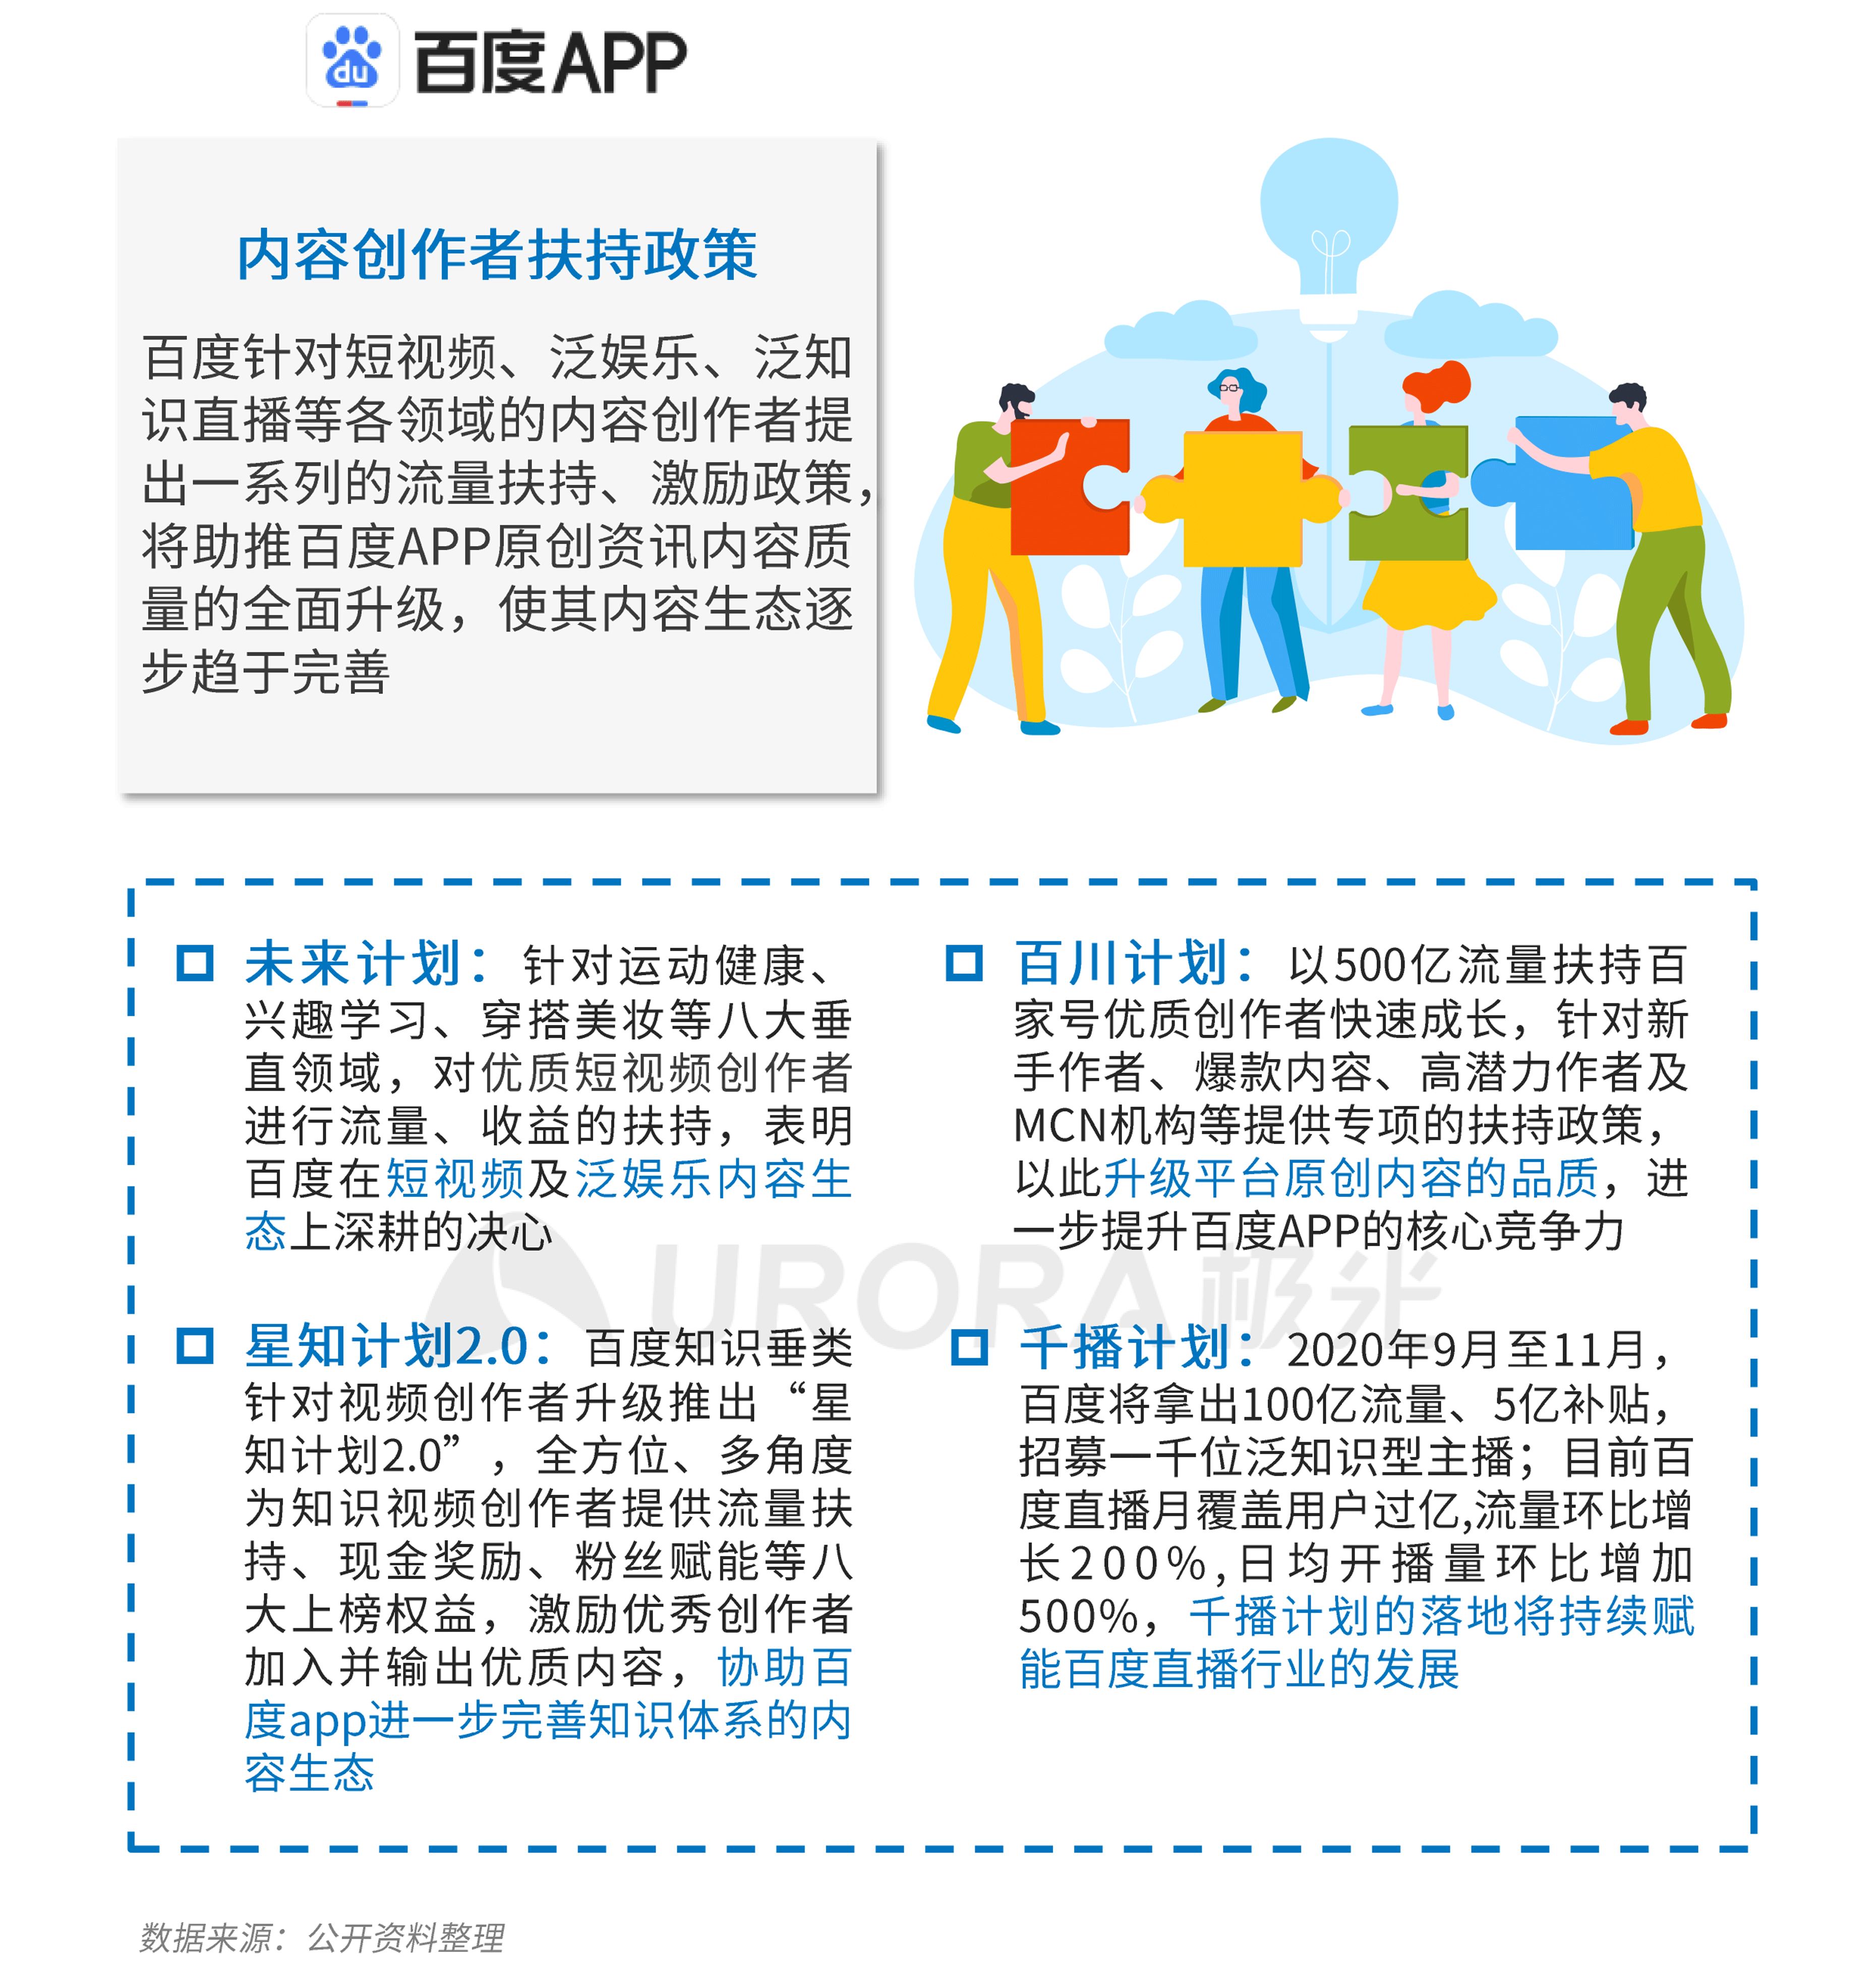 极光:新资讯行业系列报告--内容篇 (8).png